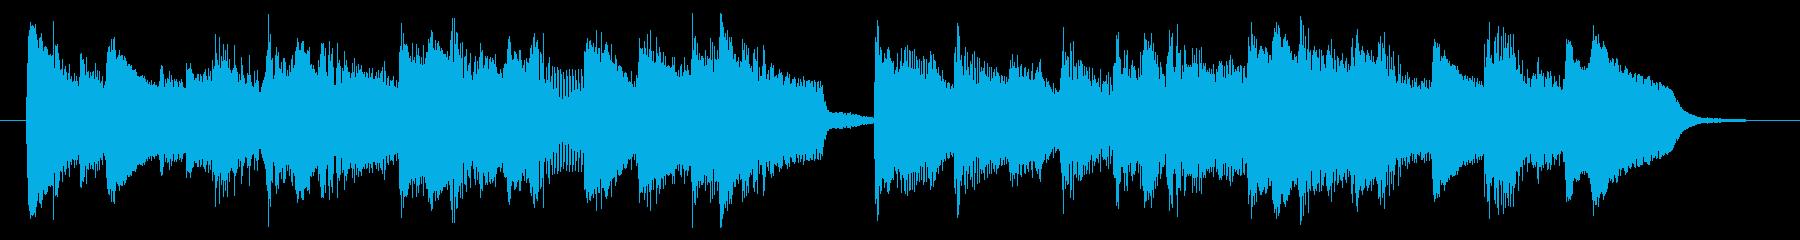 学校のチャイムにメロディを載せたジングルの再生済みの波形